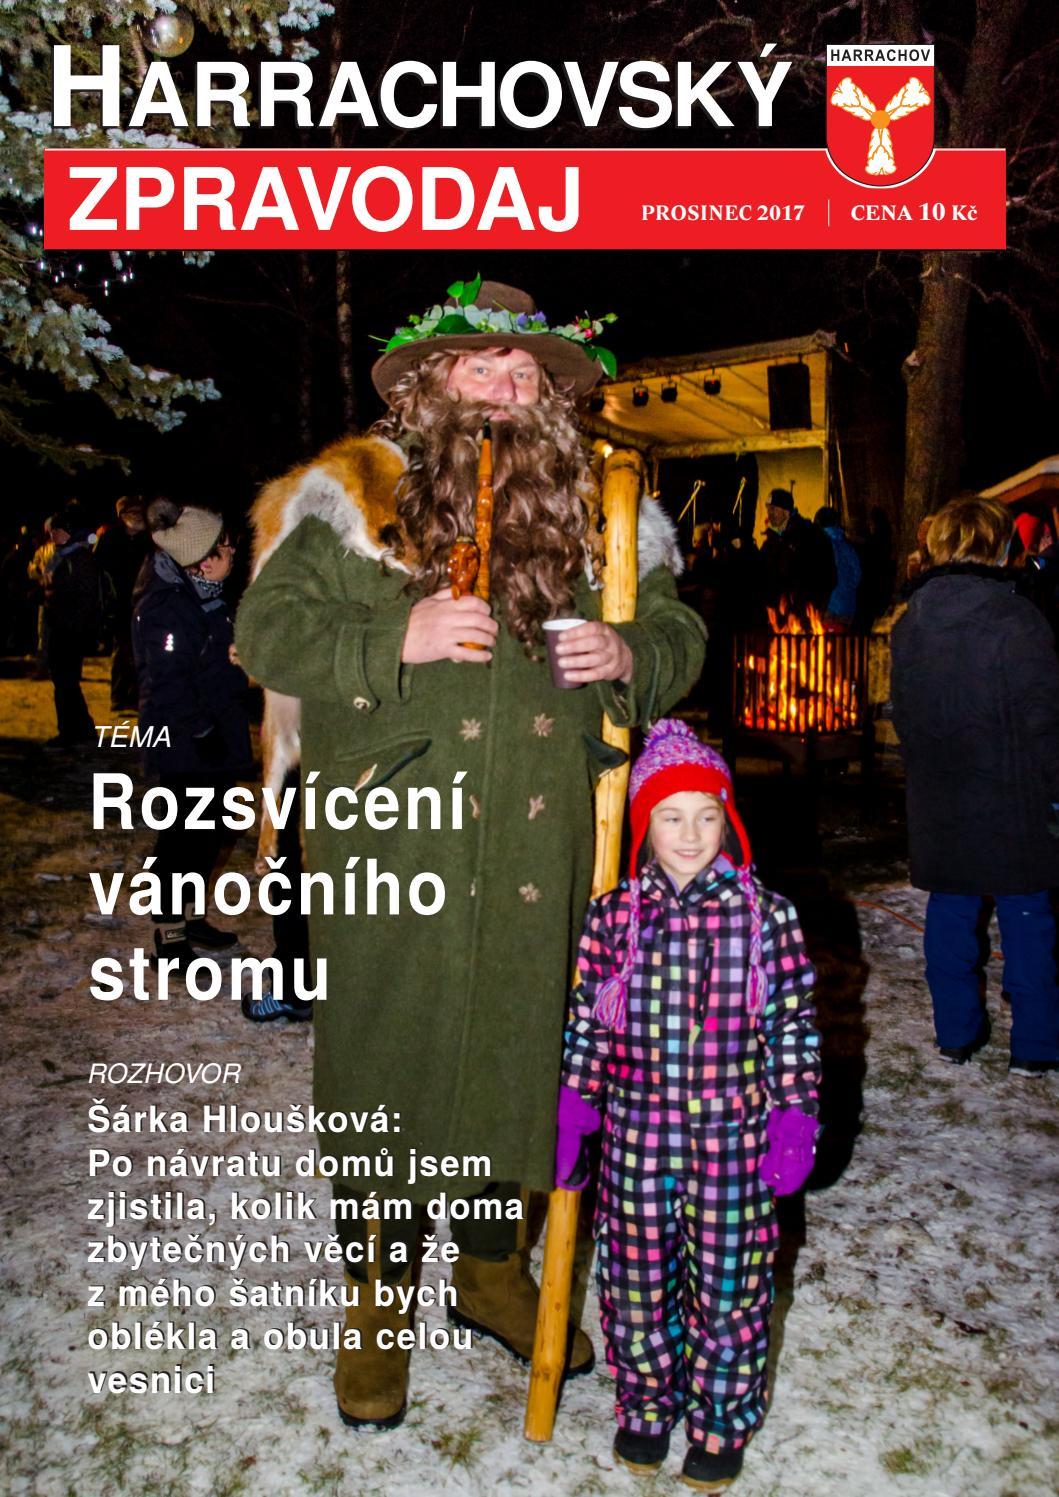 2232247147d Harrachovský zpravodaj - Prosinec 2017 by Daniel Hloušek - issuu